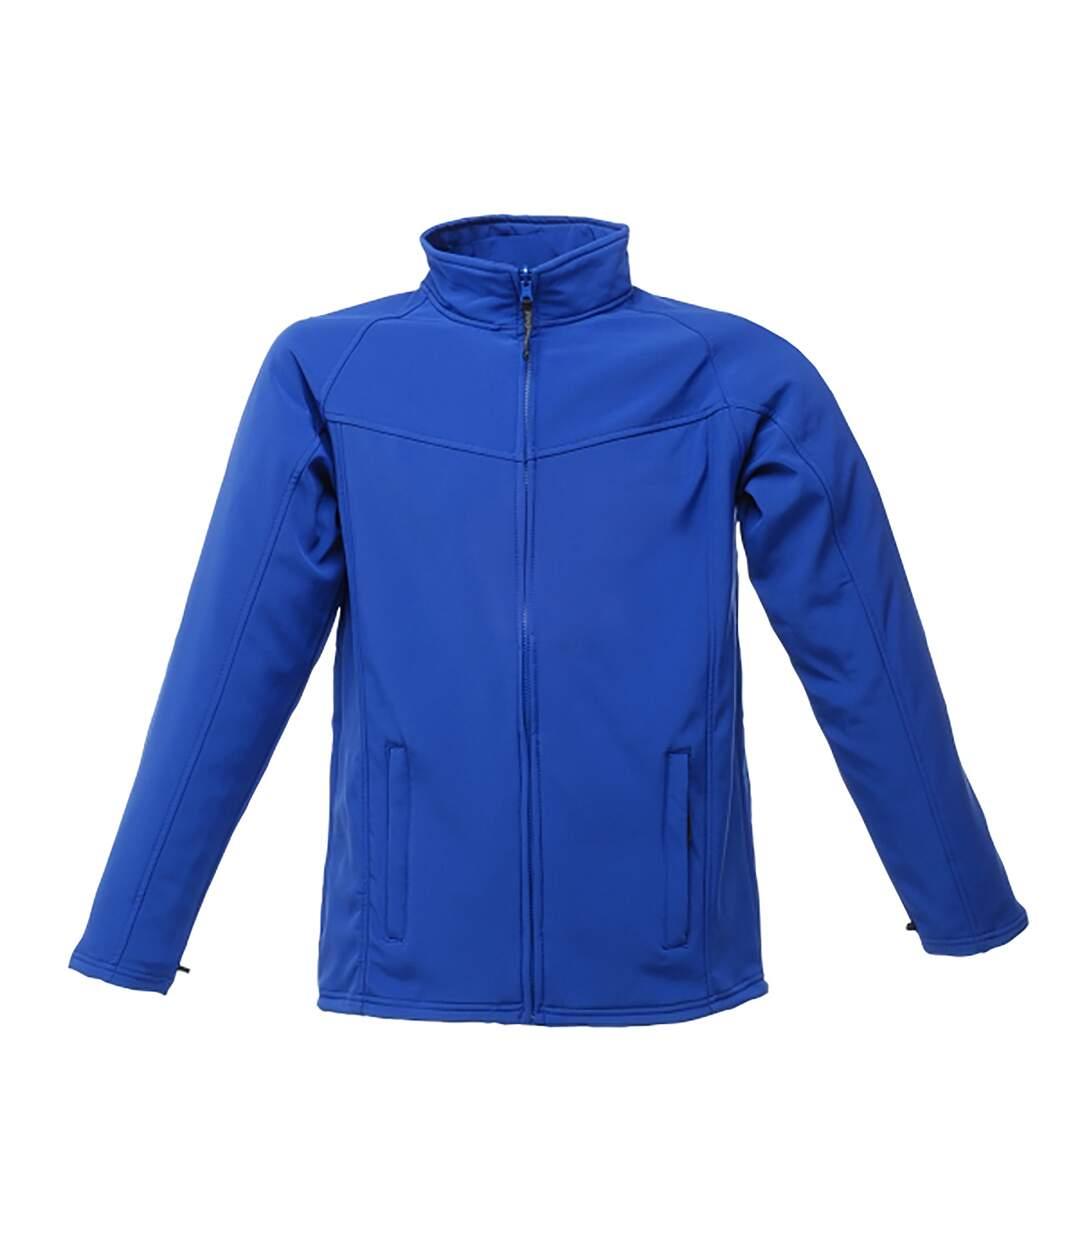 Regatta Uproar Mens Softshell Wind Resistant Fleece Jacket (Royal Blue) - UTRG1480